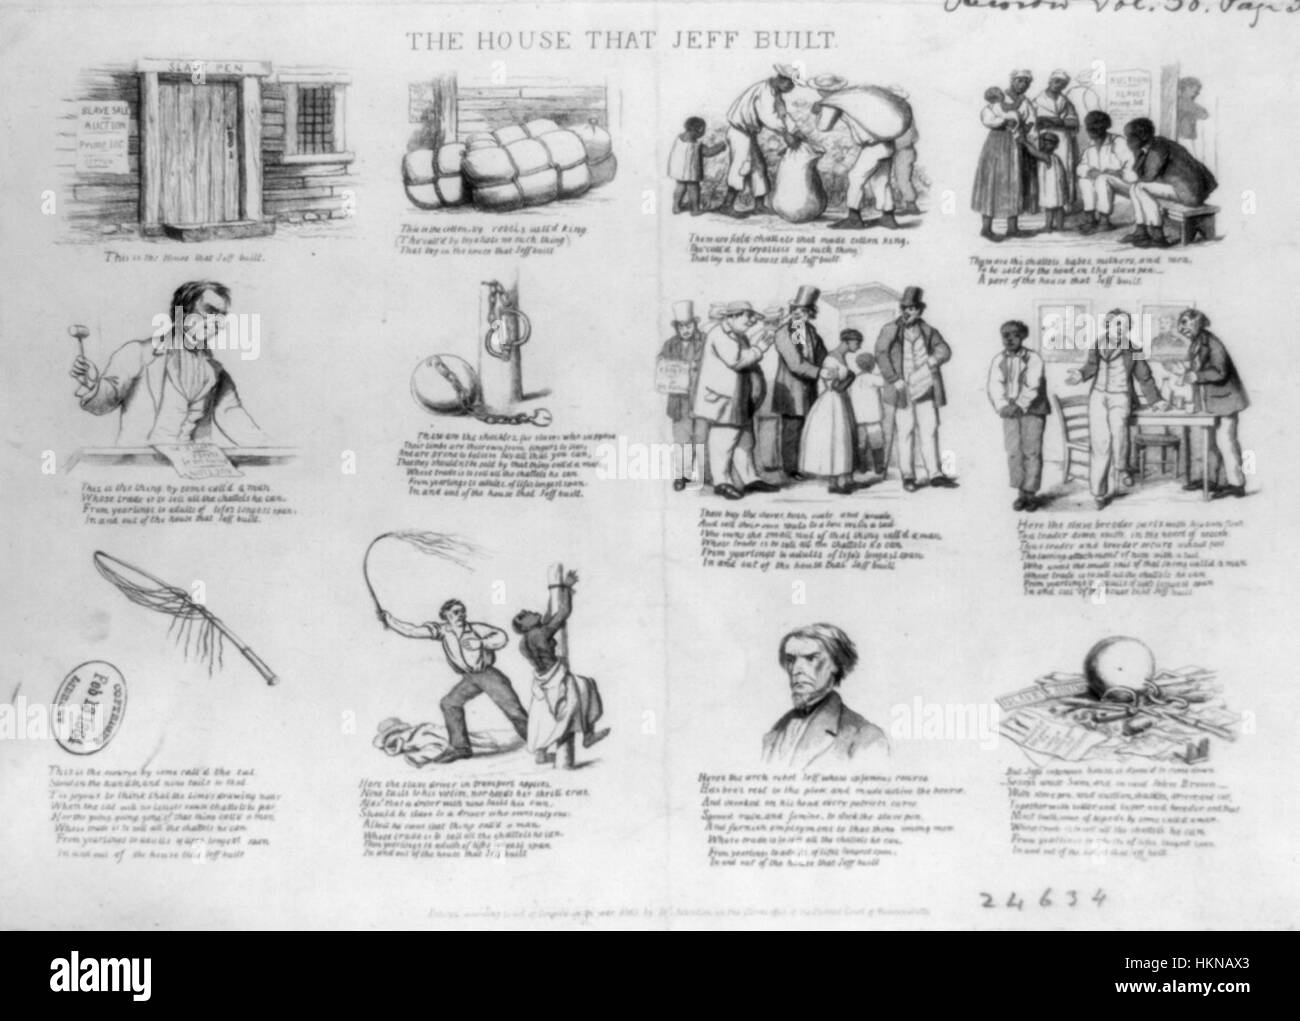 1863 HouseThatJeffBuilt byDClaypooleJohnston LibraryOfCongress - Stock Image